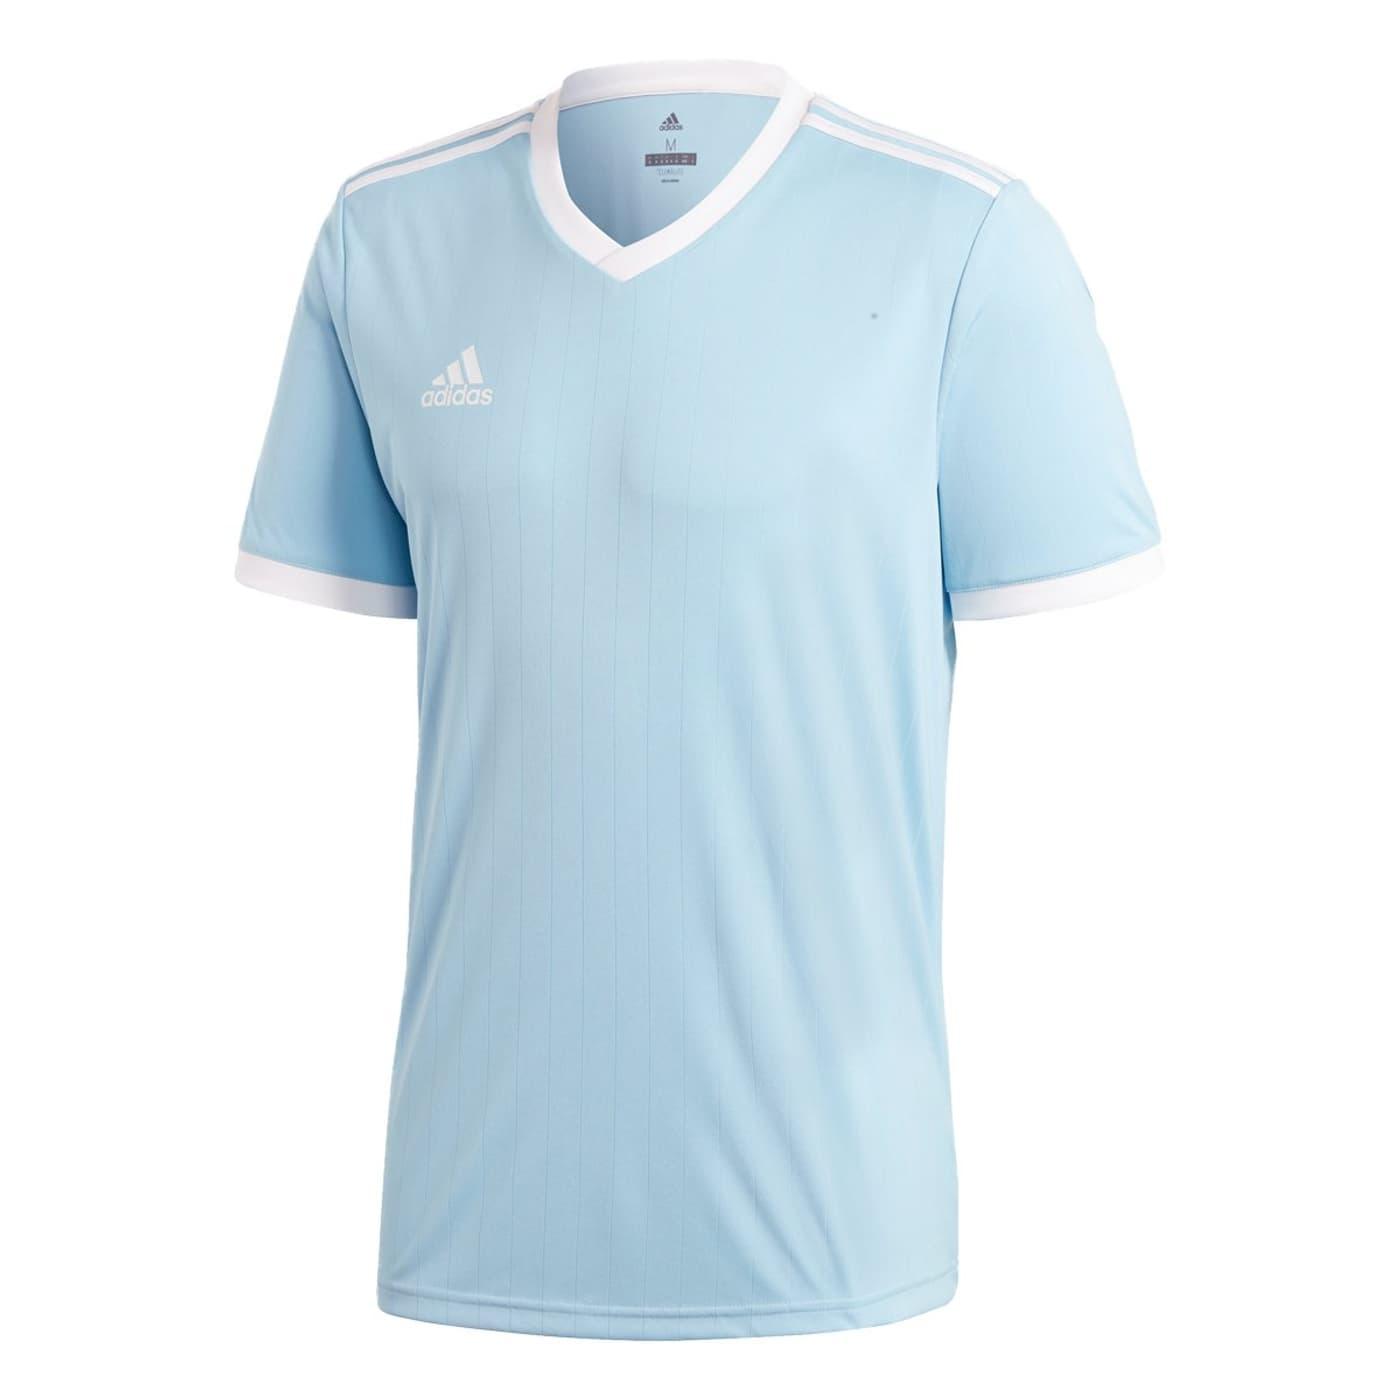 hot sale online 7af26 0849c Adidas Tabela 18 Jersey Kinder-Fussballshirt